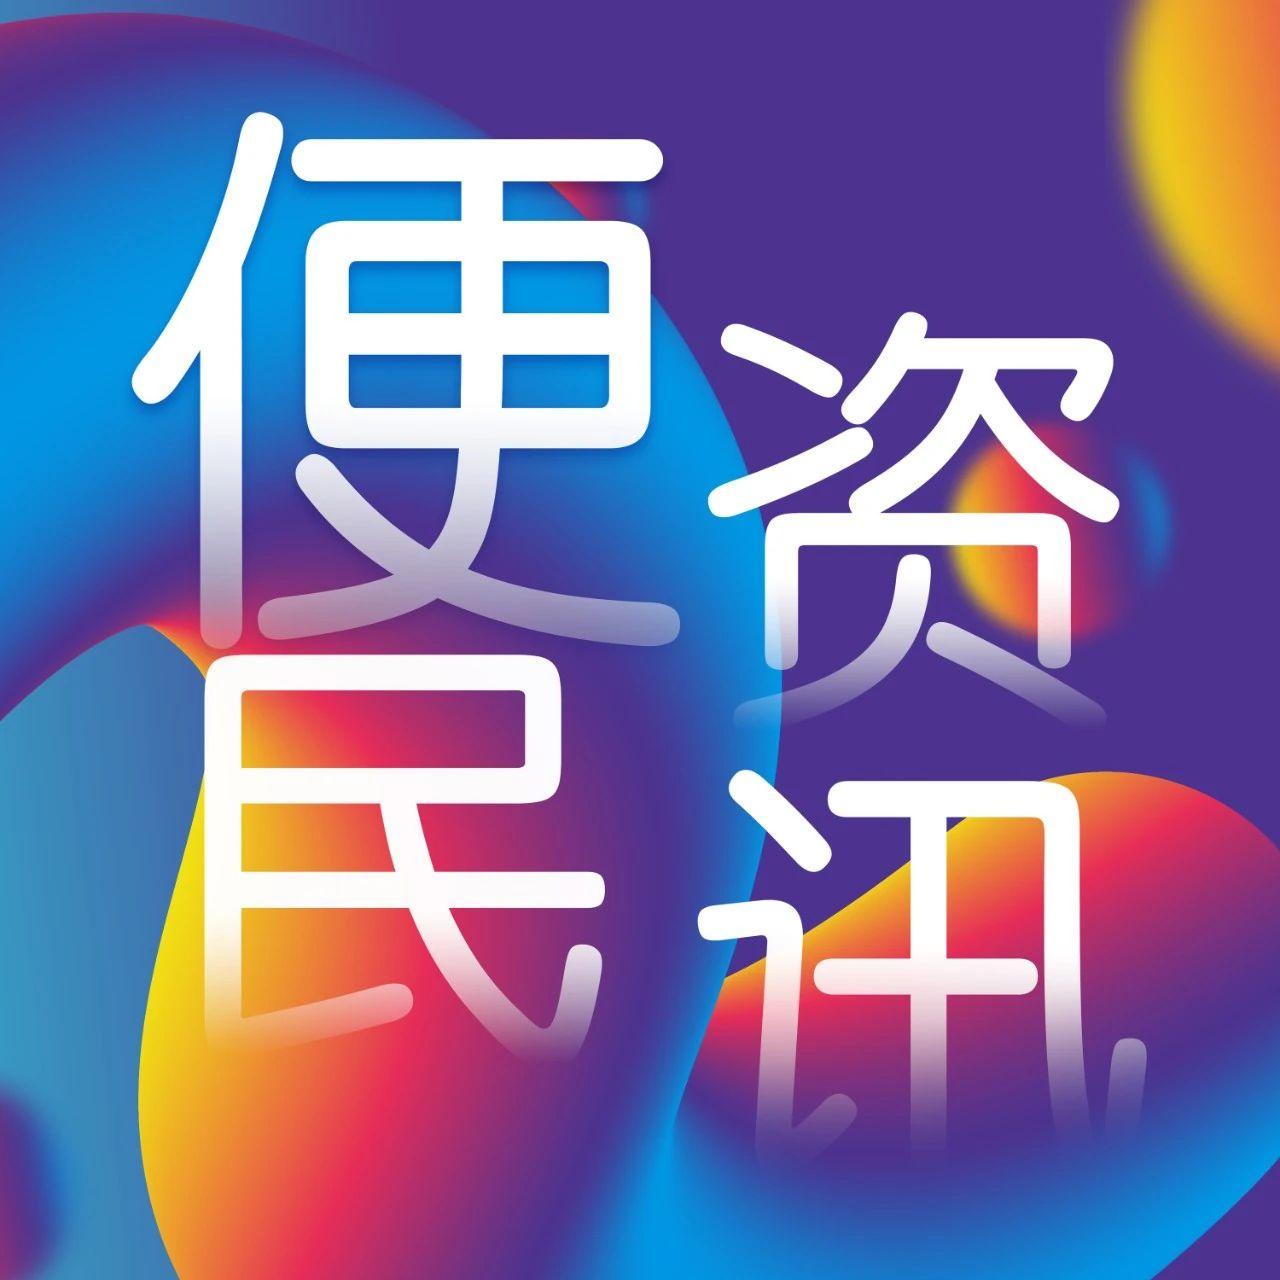 【便民资讯】鄂尔多斯市瑞德投资集团瑞京能源有限公司招聘、中国二冶集团冶金工程技术分公司招聘、便民信息